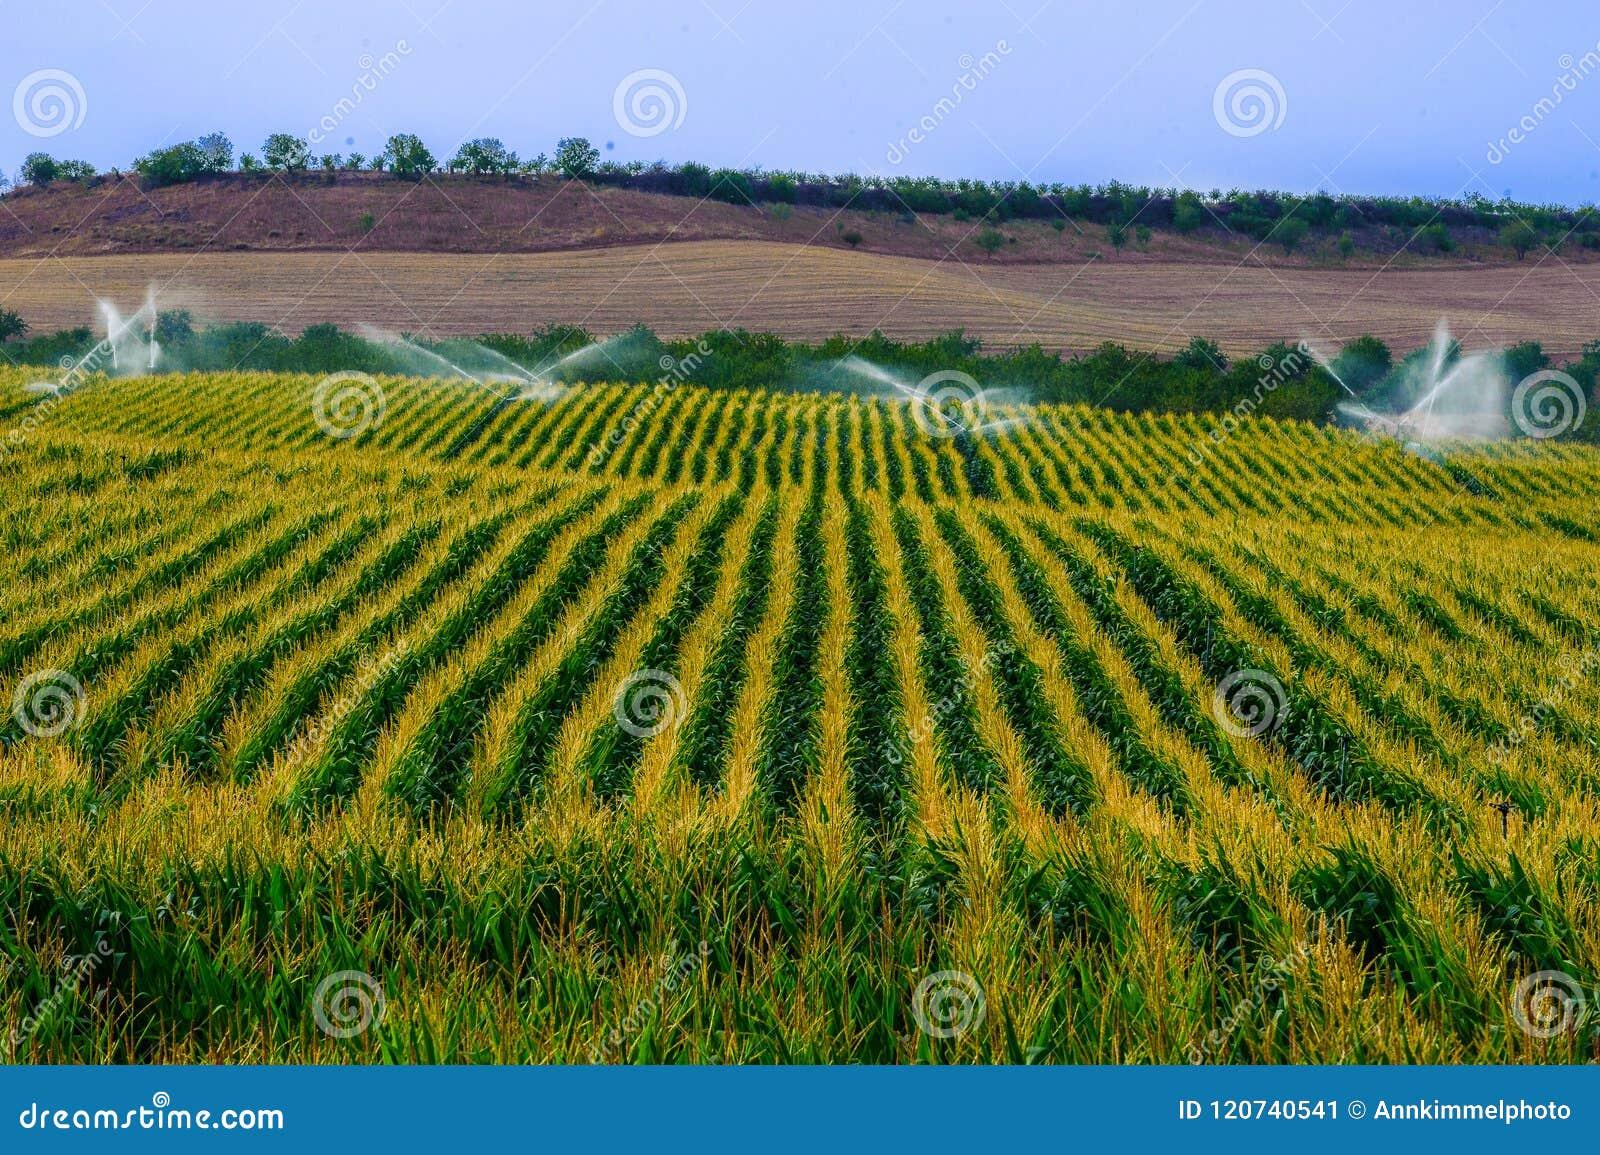 O campo verde com a colheita crescente do milho sprinckled pela utilização da água